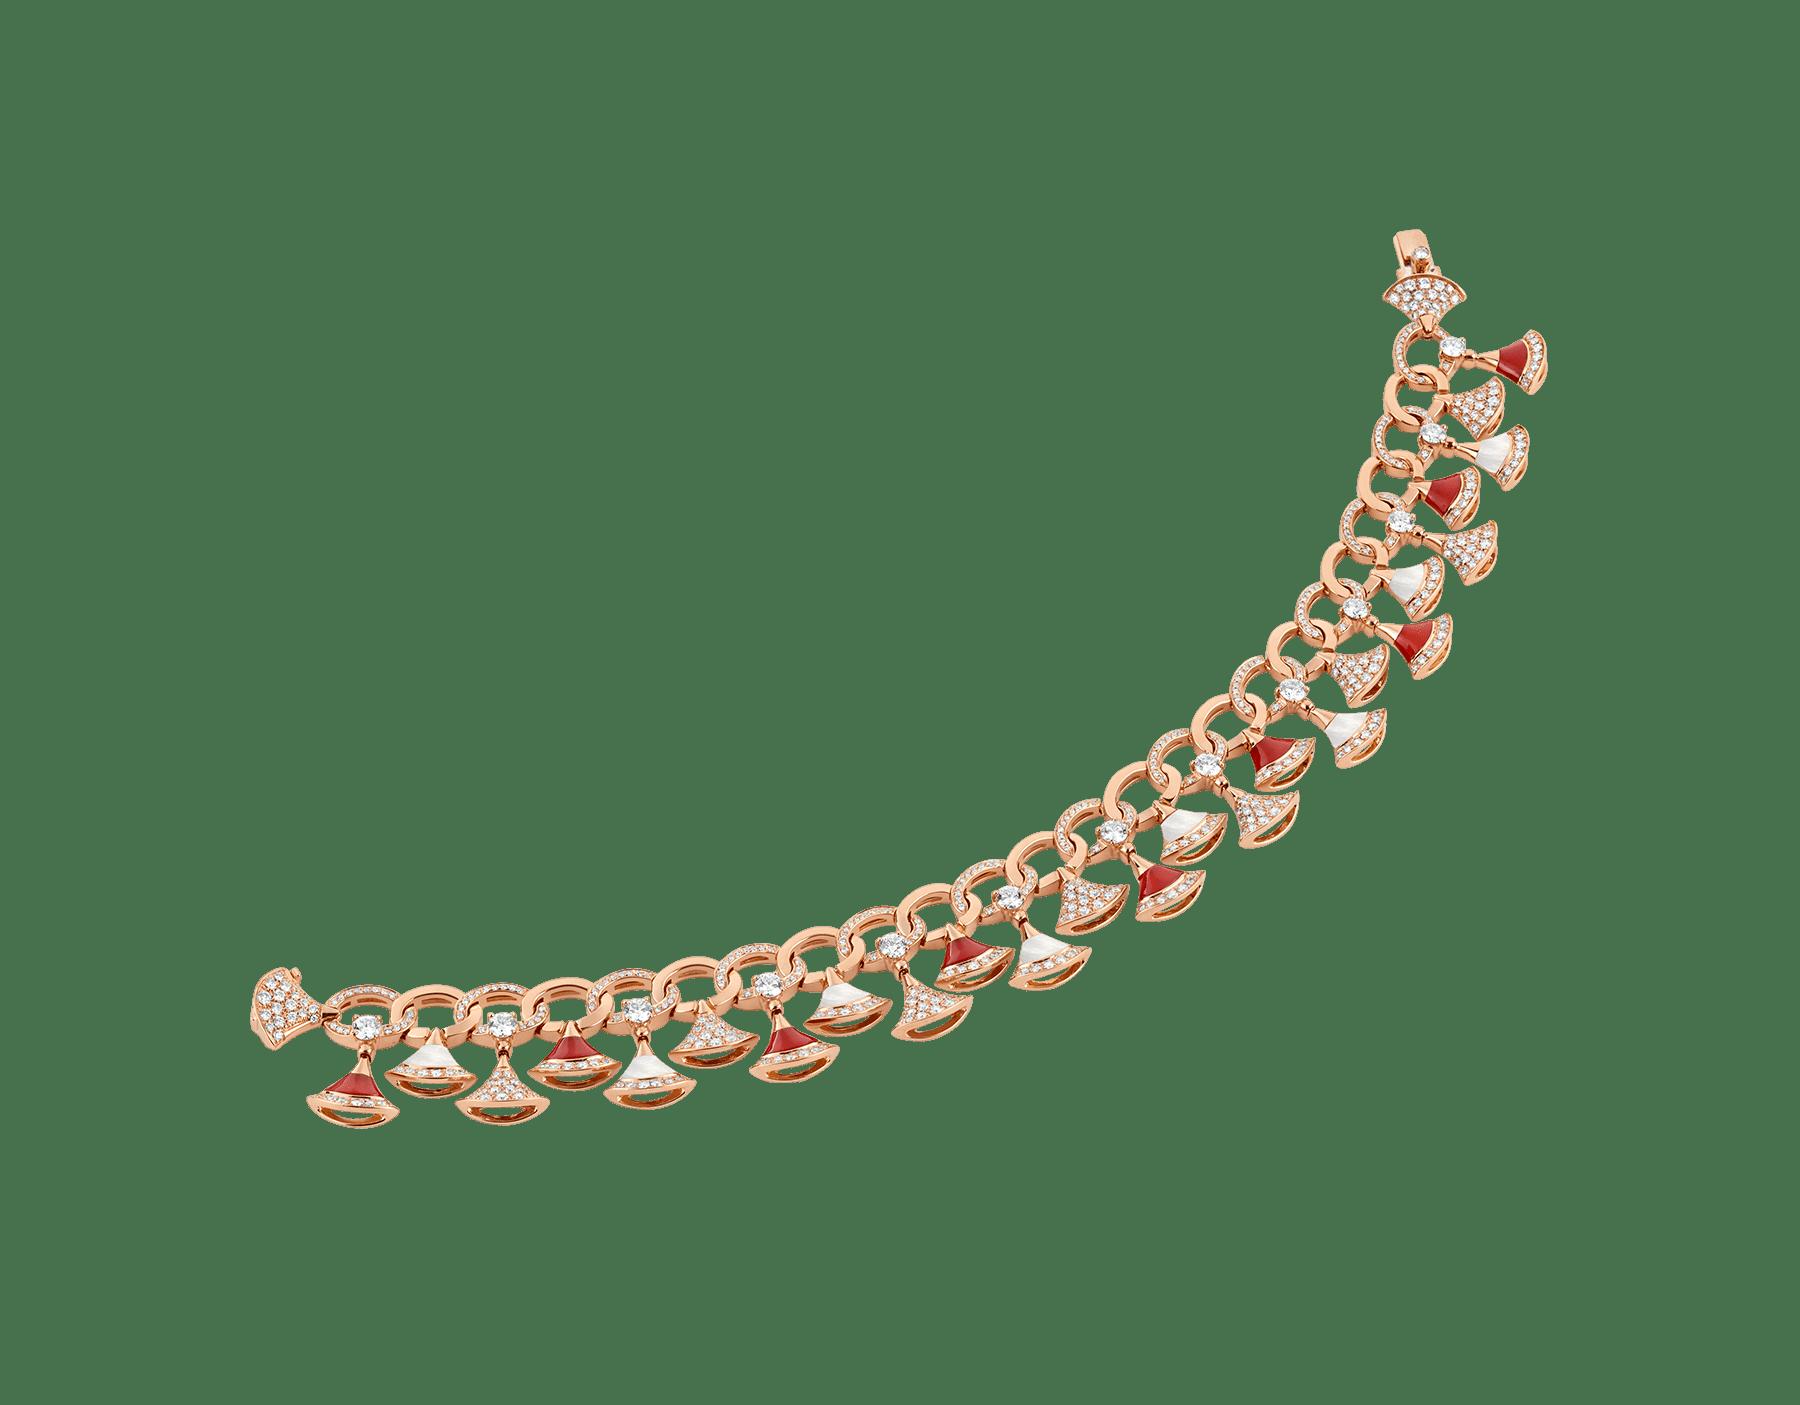 Pulsera DIVAS' DREAM en oro rosa de 18 qt con elementos de cornalina y madreperla, diamantes y pavé de diamantes (4,30 ct). BR858051 image 2